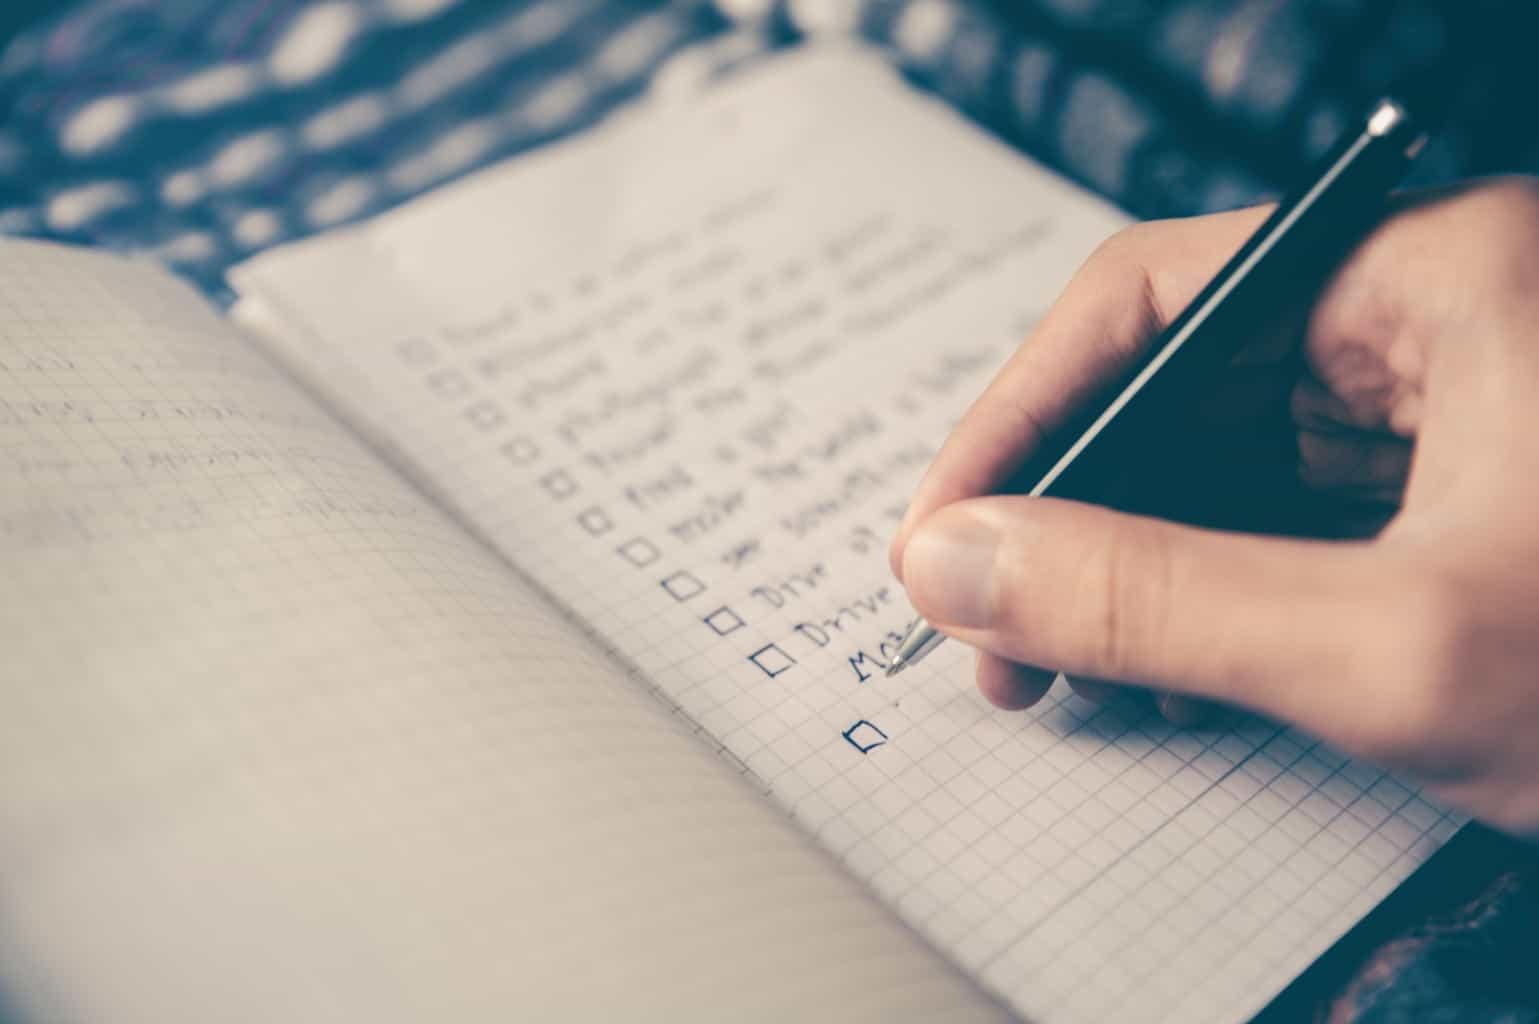 Quality Control - checklist